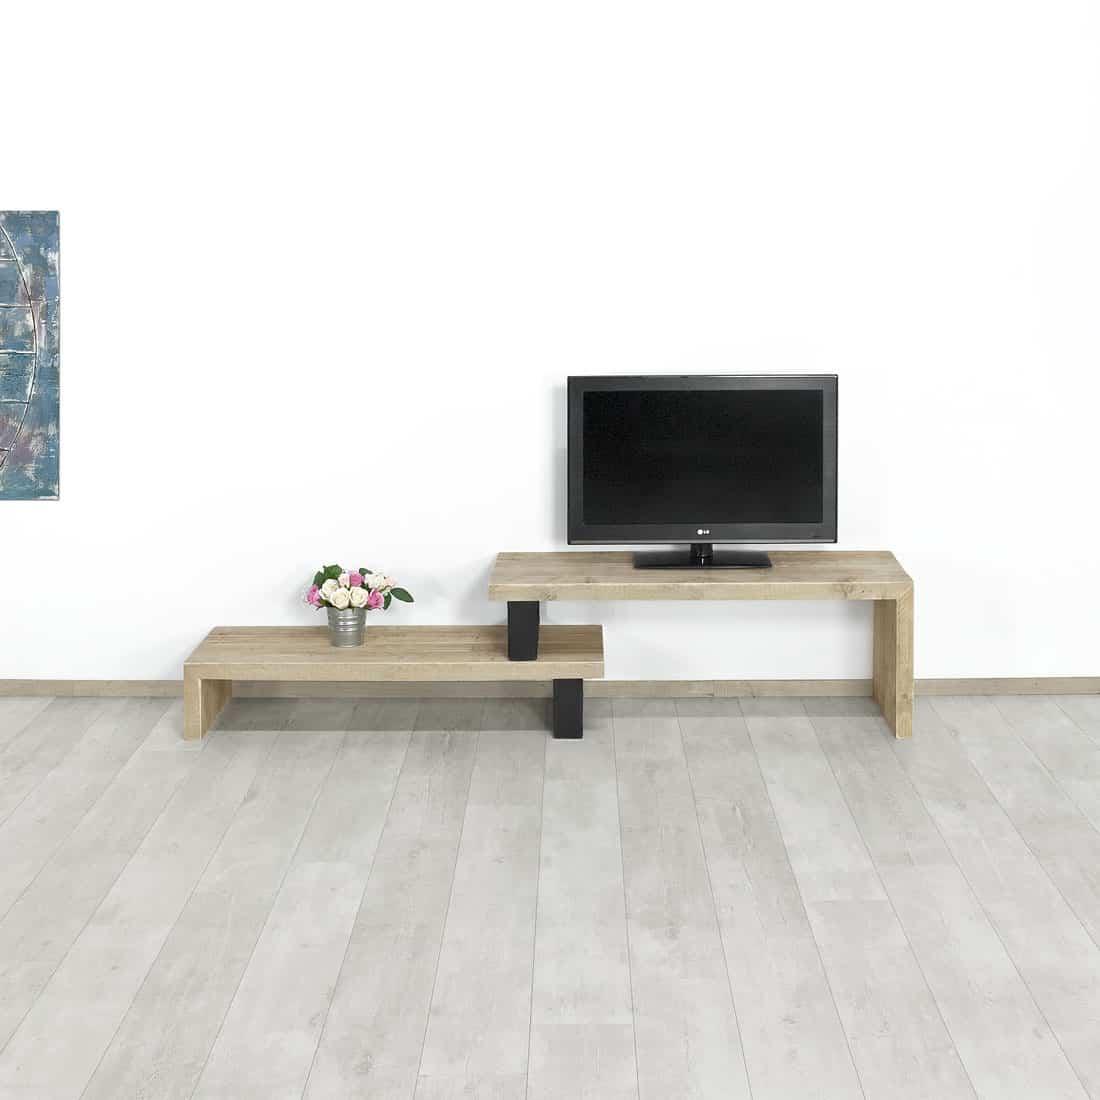 Steigerhout Tv Meubel White Wash.Steigerhouten Tv Meubel Mott Gestapeld Kopen Bestel Nu 20